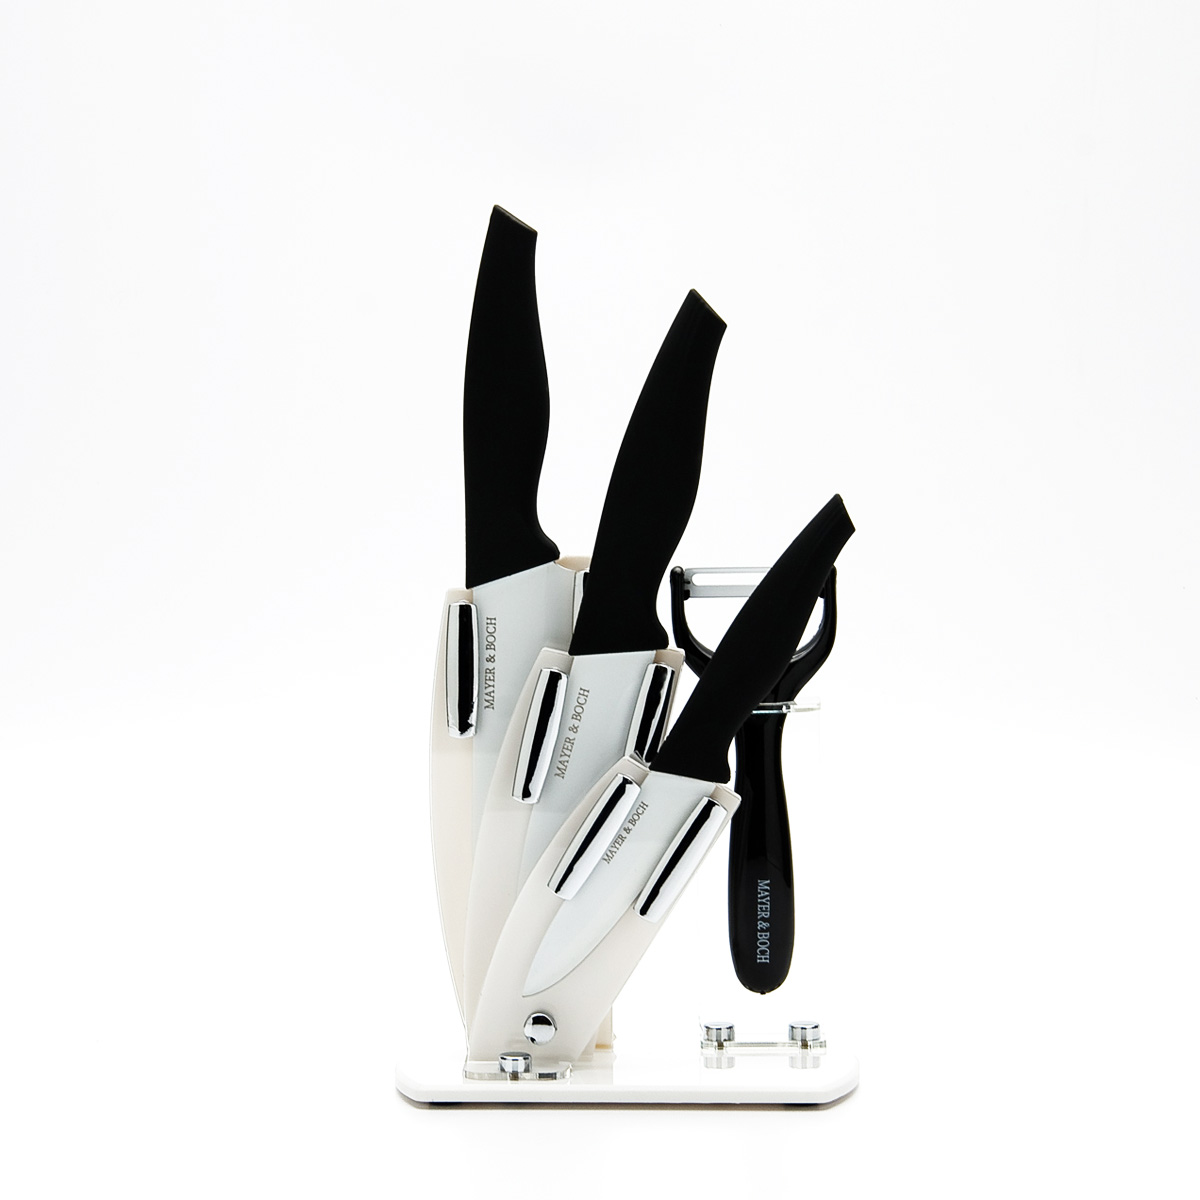 Набор ножей Mayer & Boch, 5 предметов. 23321 набор кухонных ножей bohmann на подставке 7 предметов